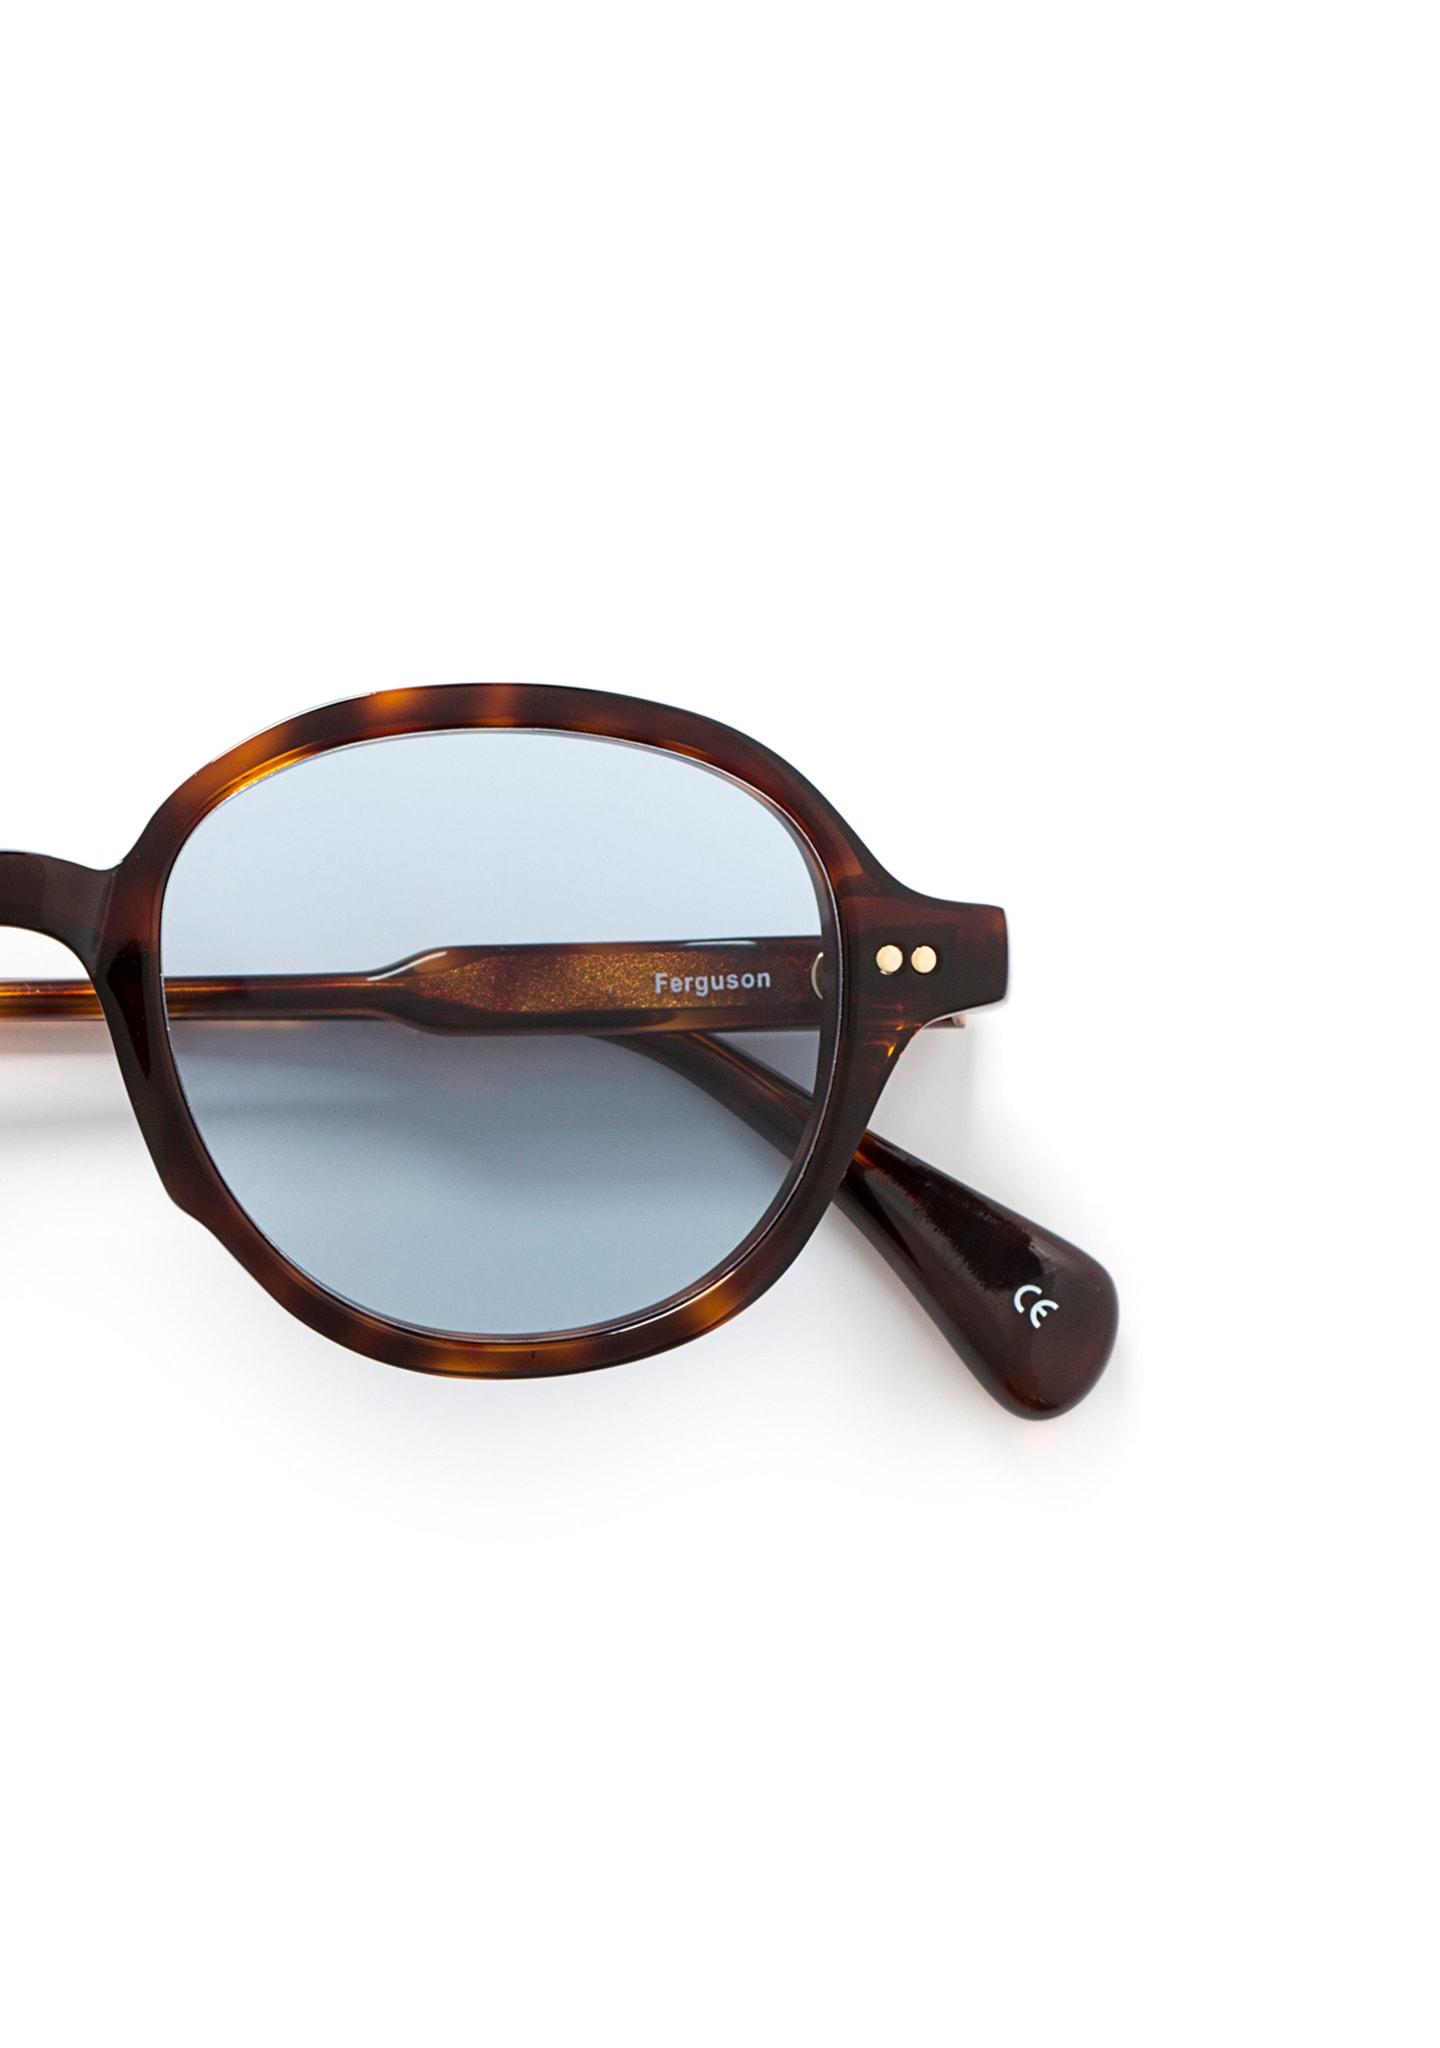 Gafas Ferguson Color 2